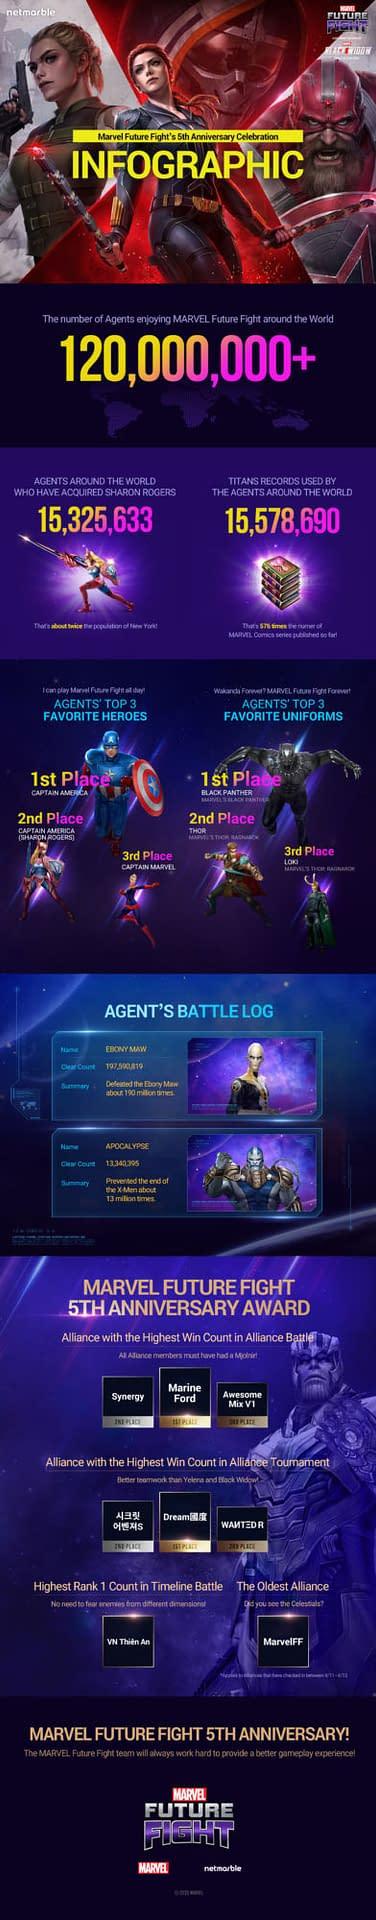 Quelques statistiques pour Marvel Future Fight, gracieuseté de Netmarble.